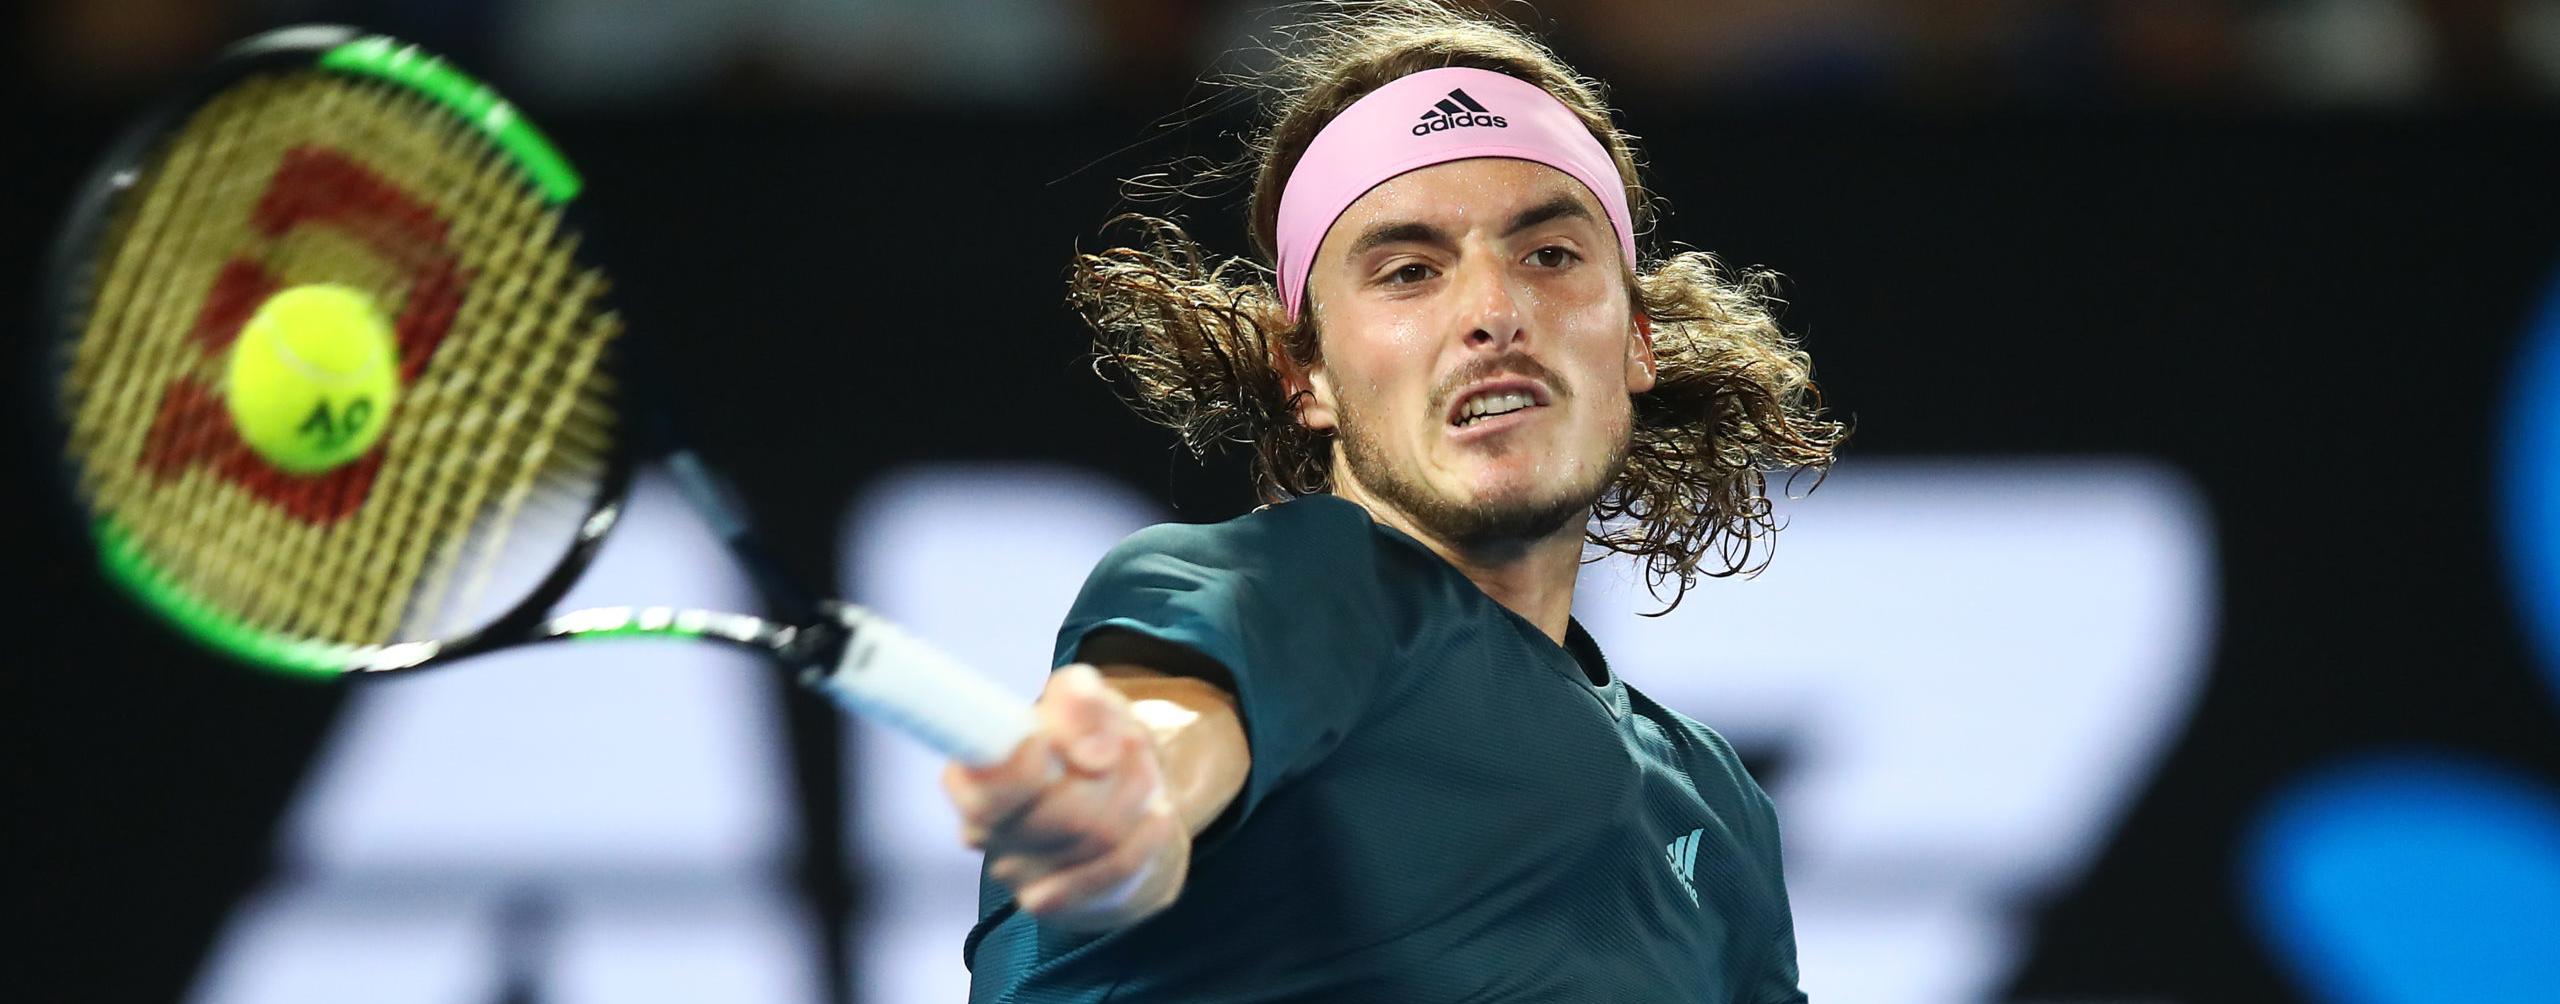 Pronostici ATP Cincinnati: Dimitrov e Tsitsipas in campo per possibili match complicati